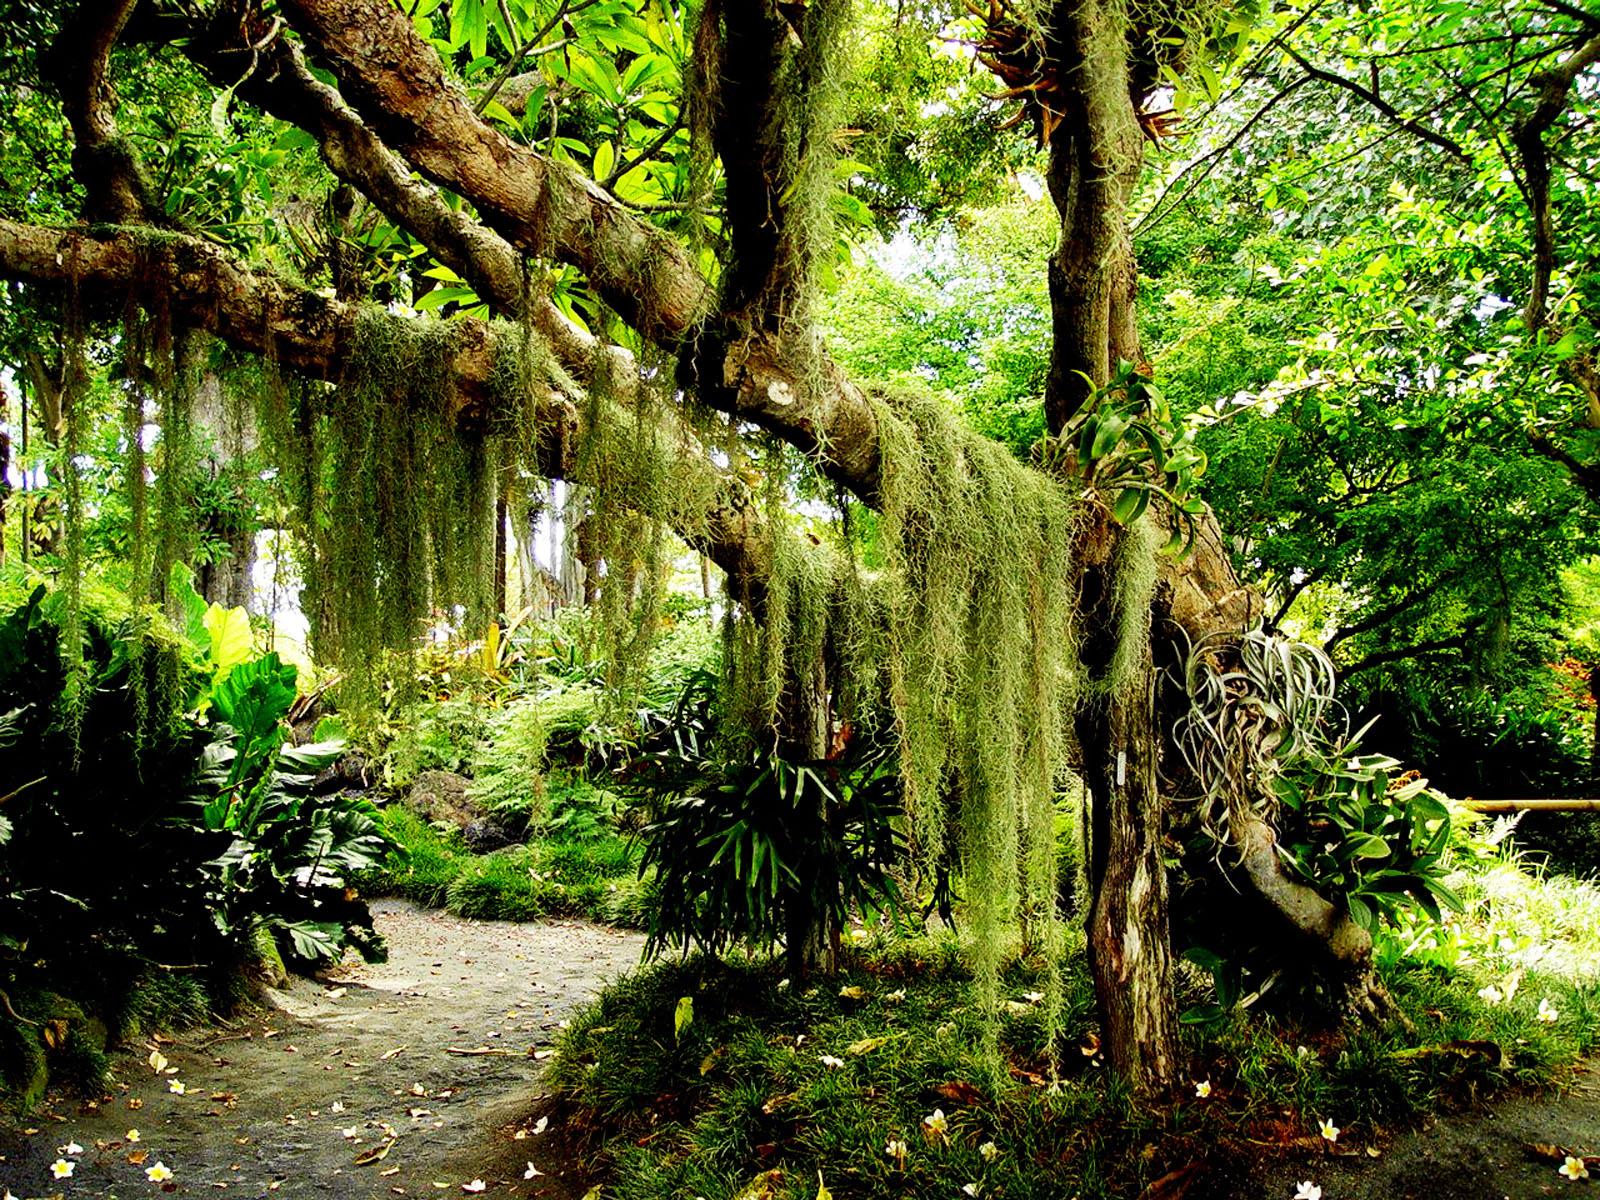 Wallpaper Blog: forest hd